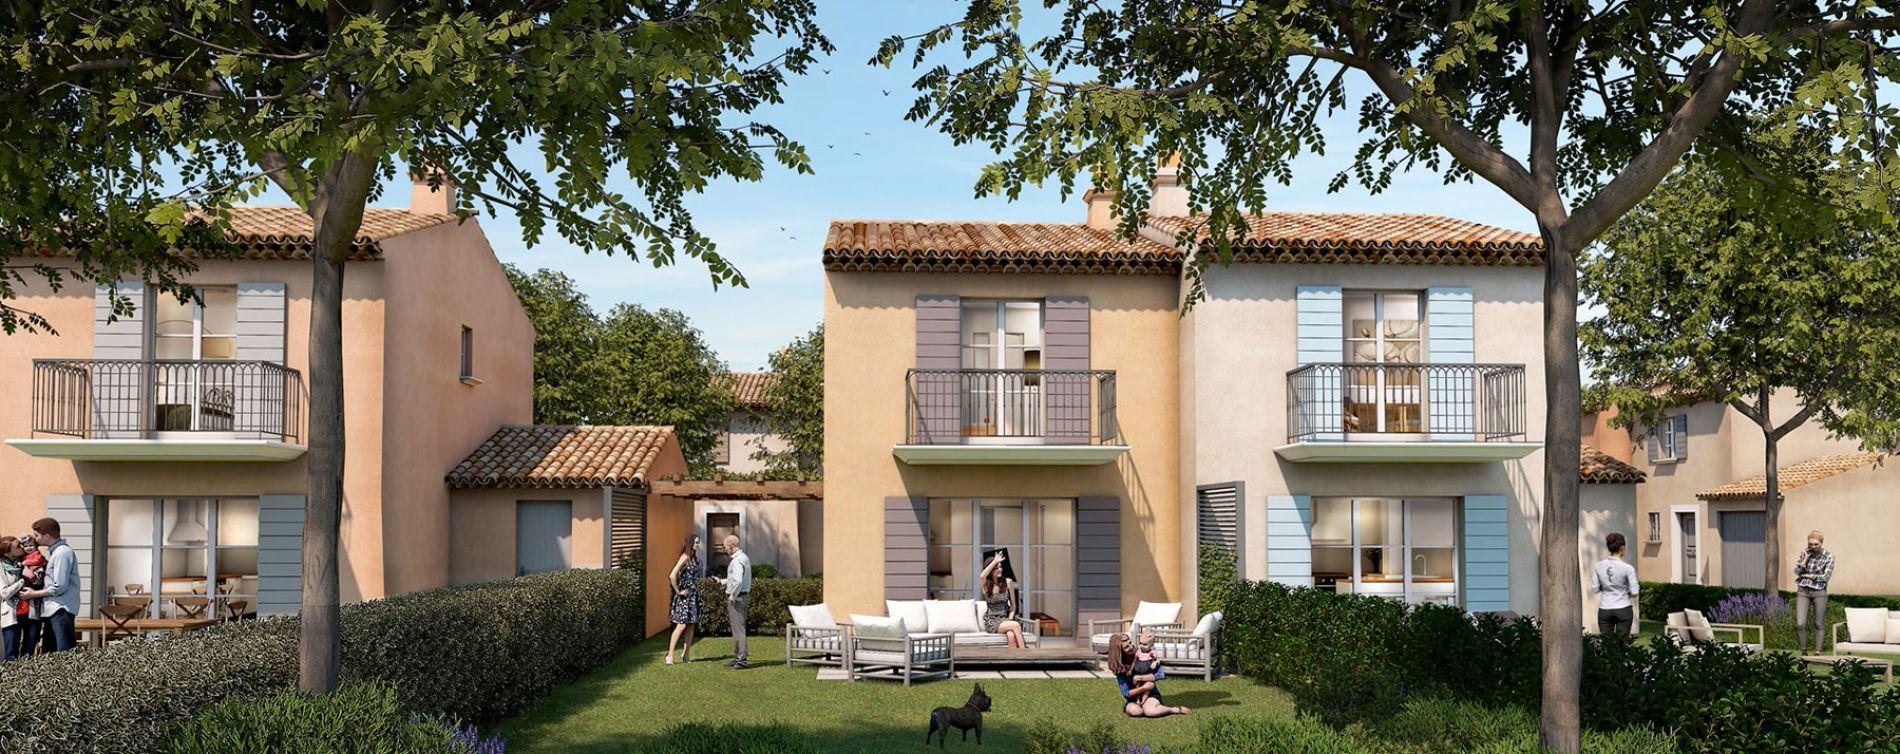 Grimaud : programme immobilier neuve « Domaine des Fées »